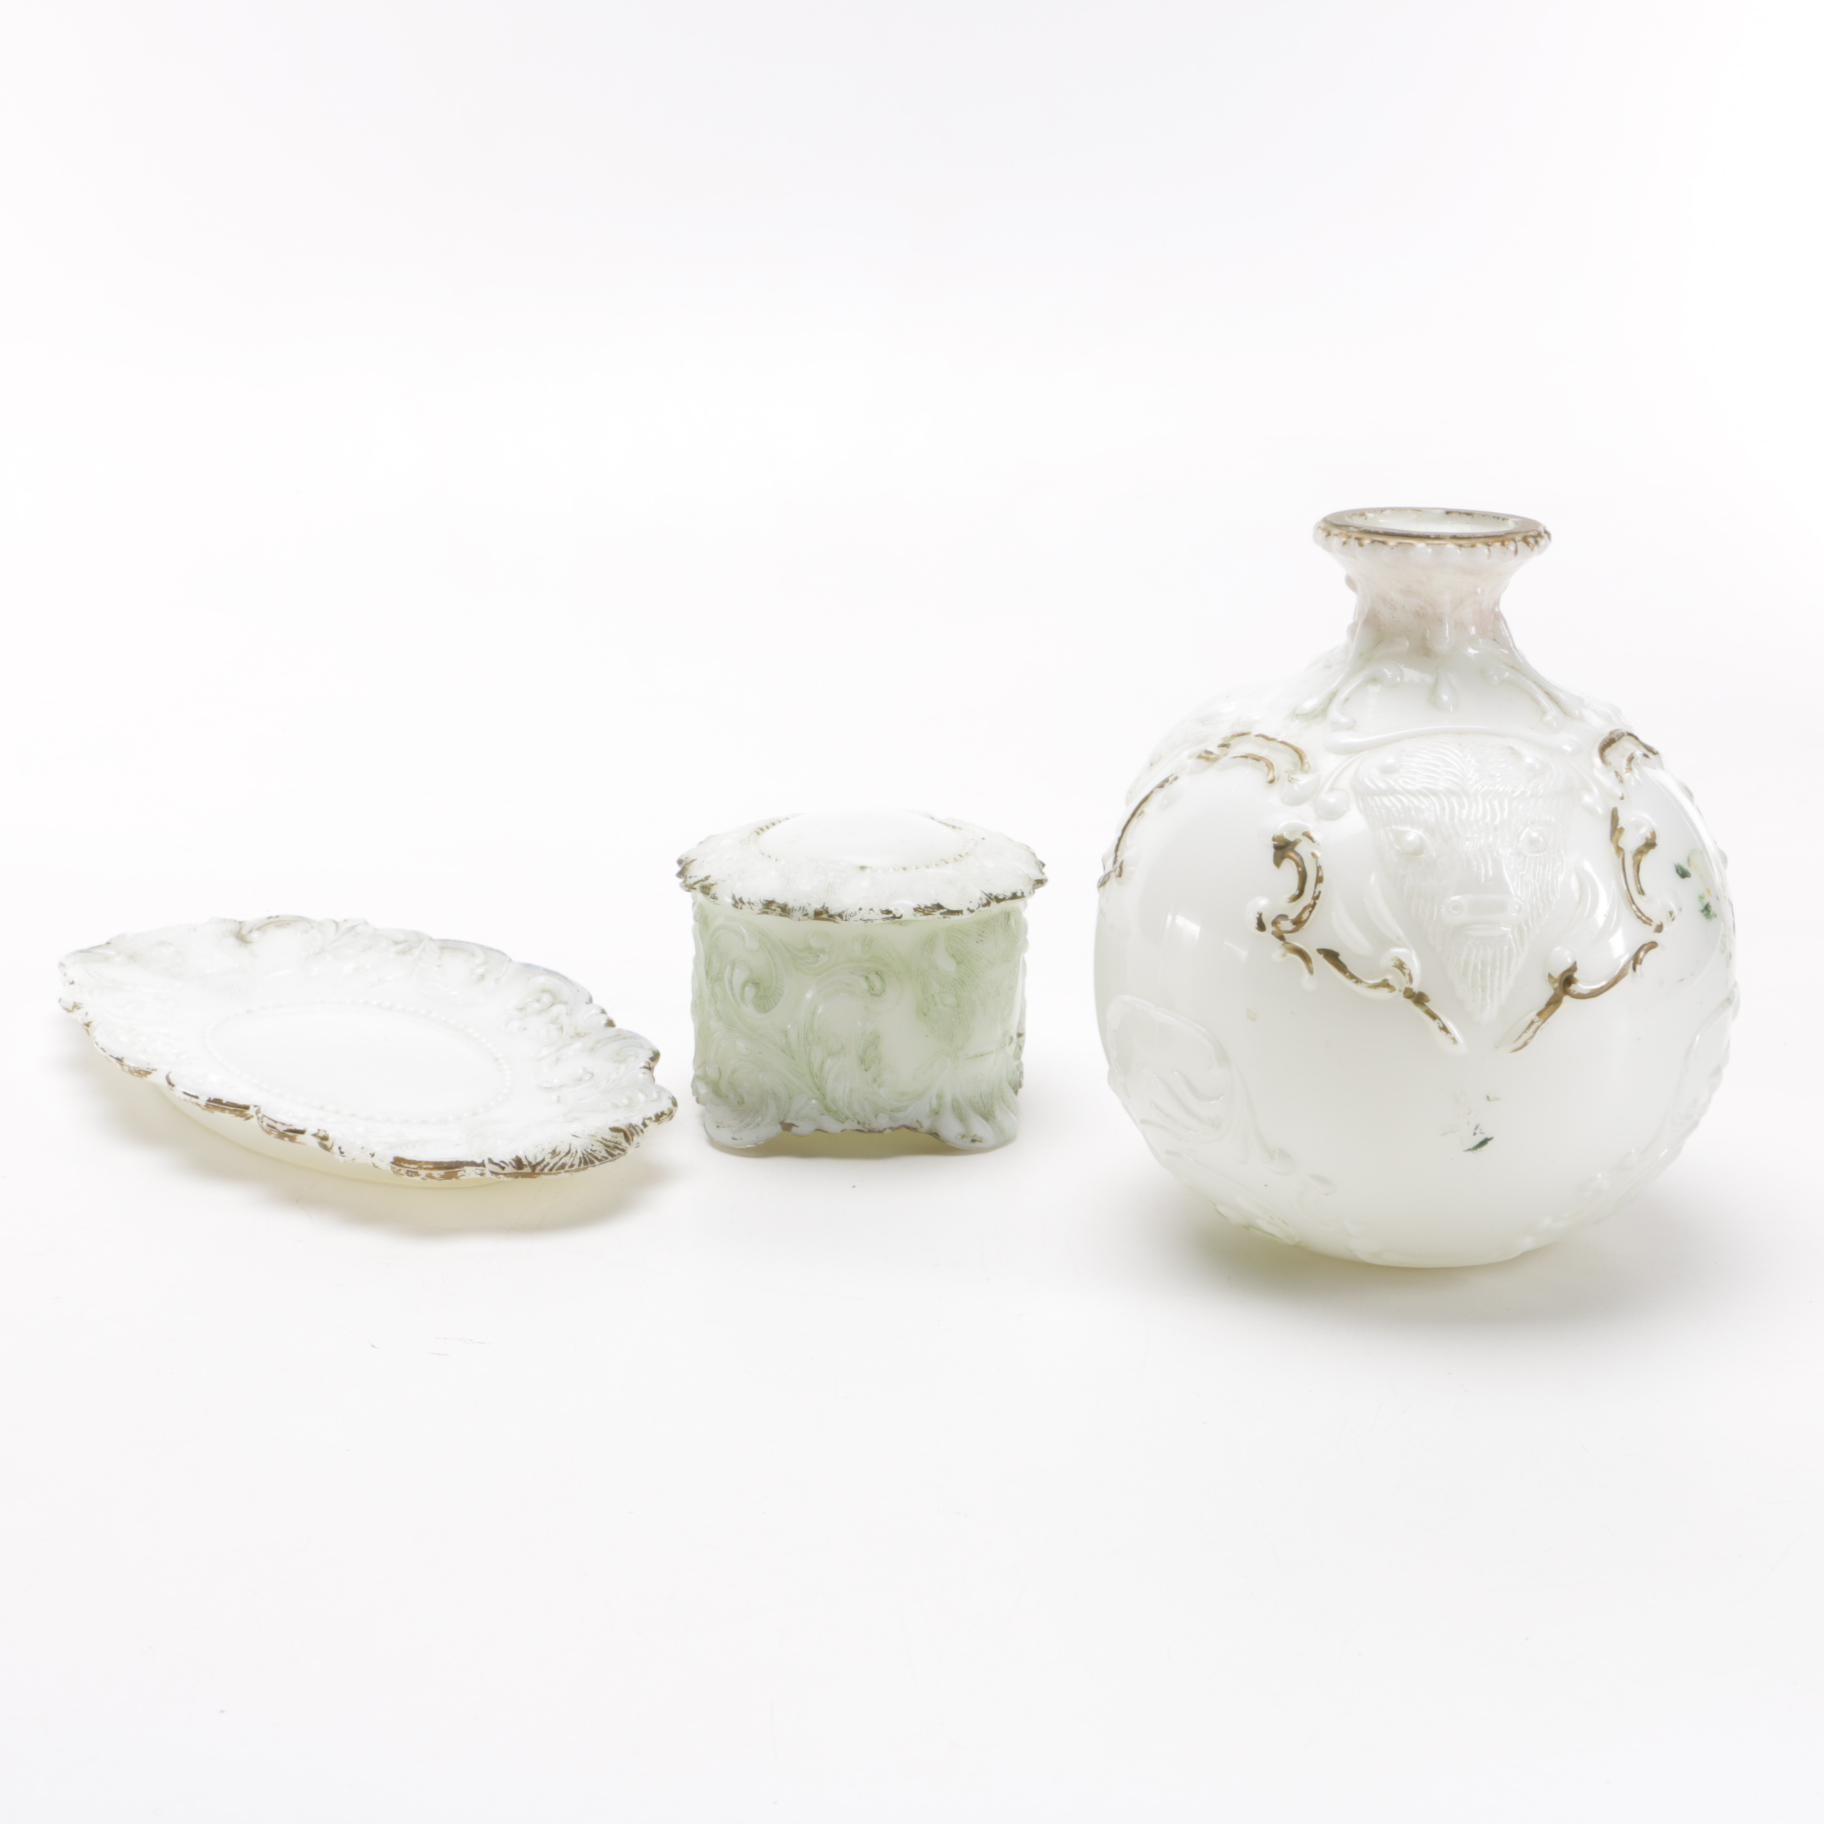 Antique Milk Glass